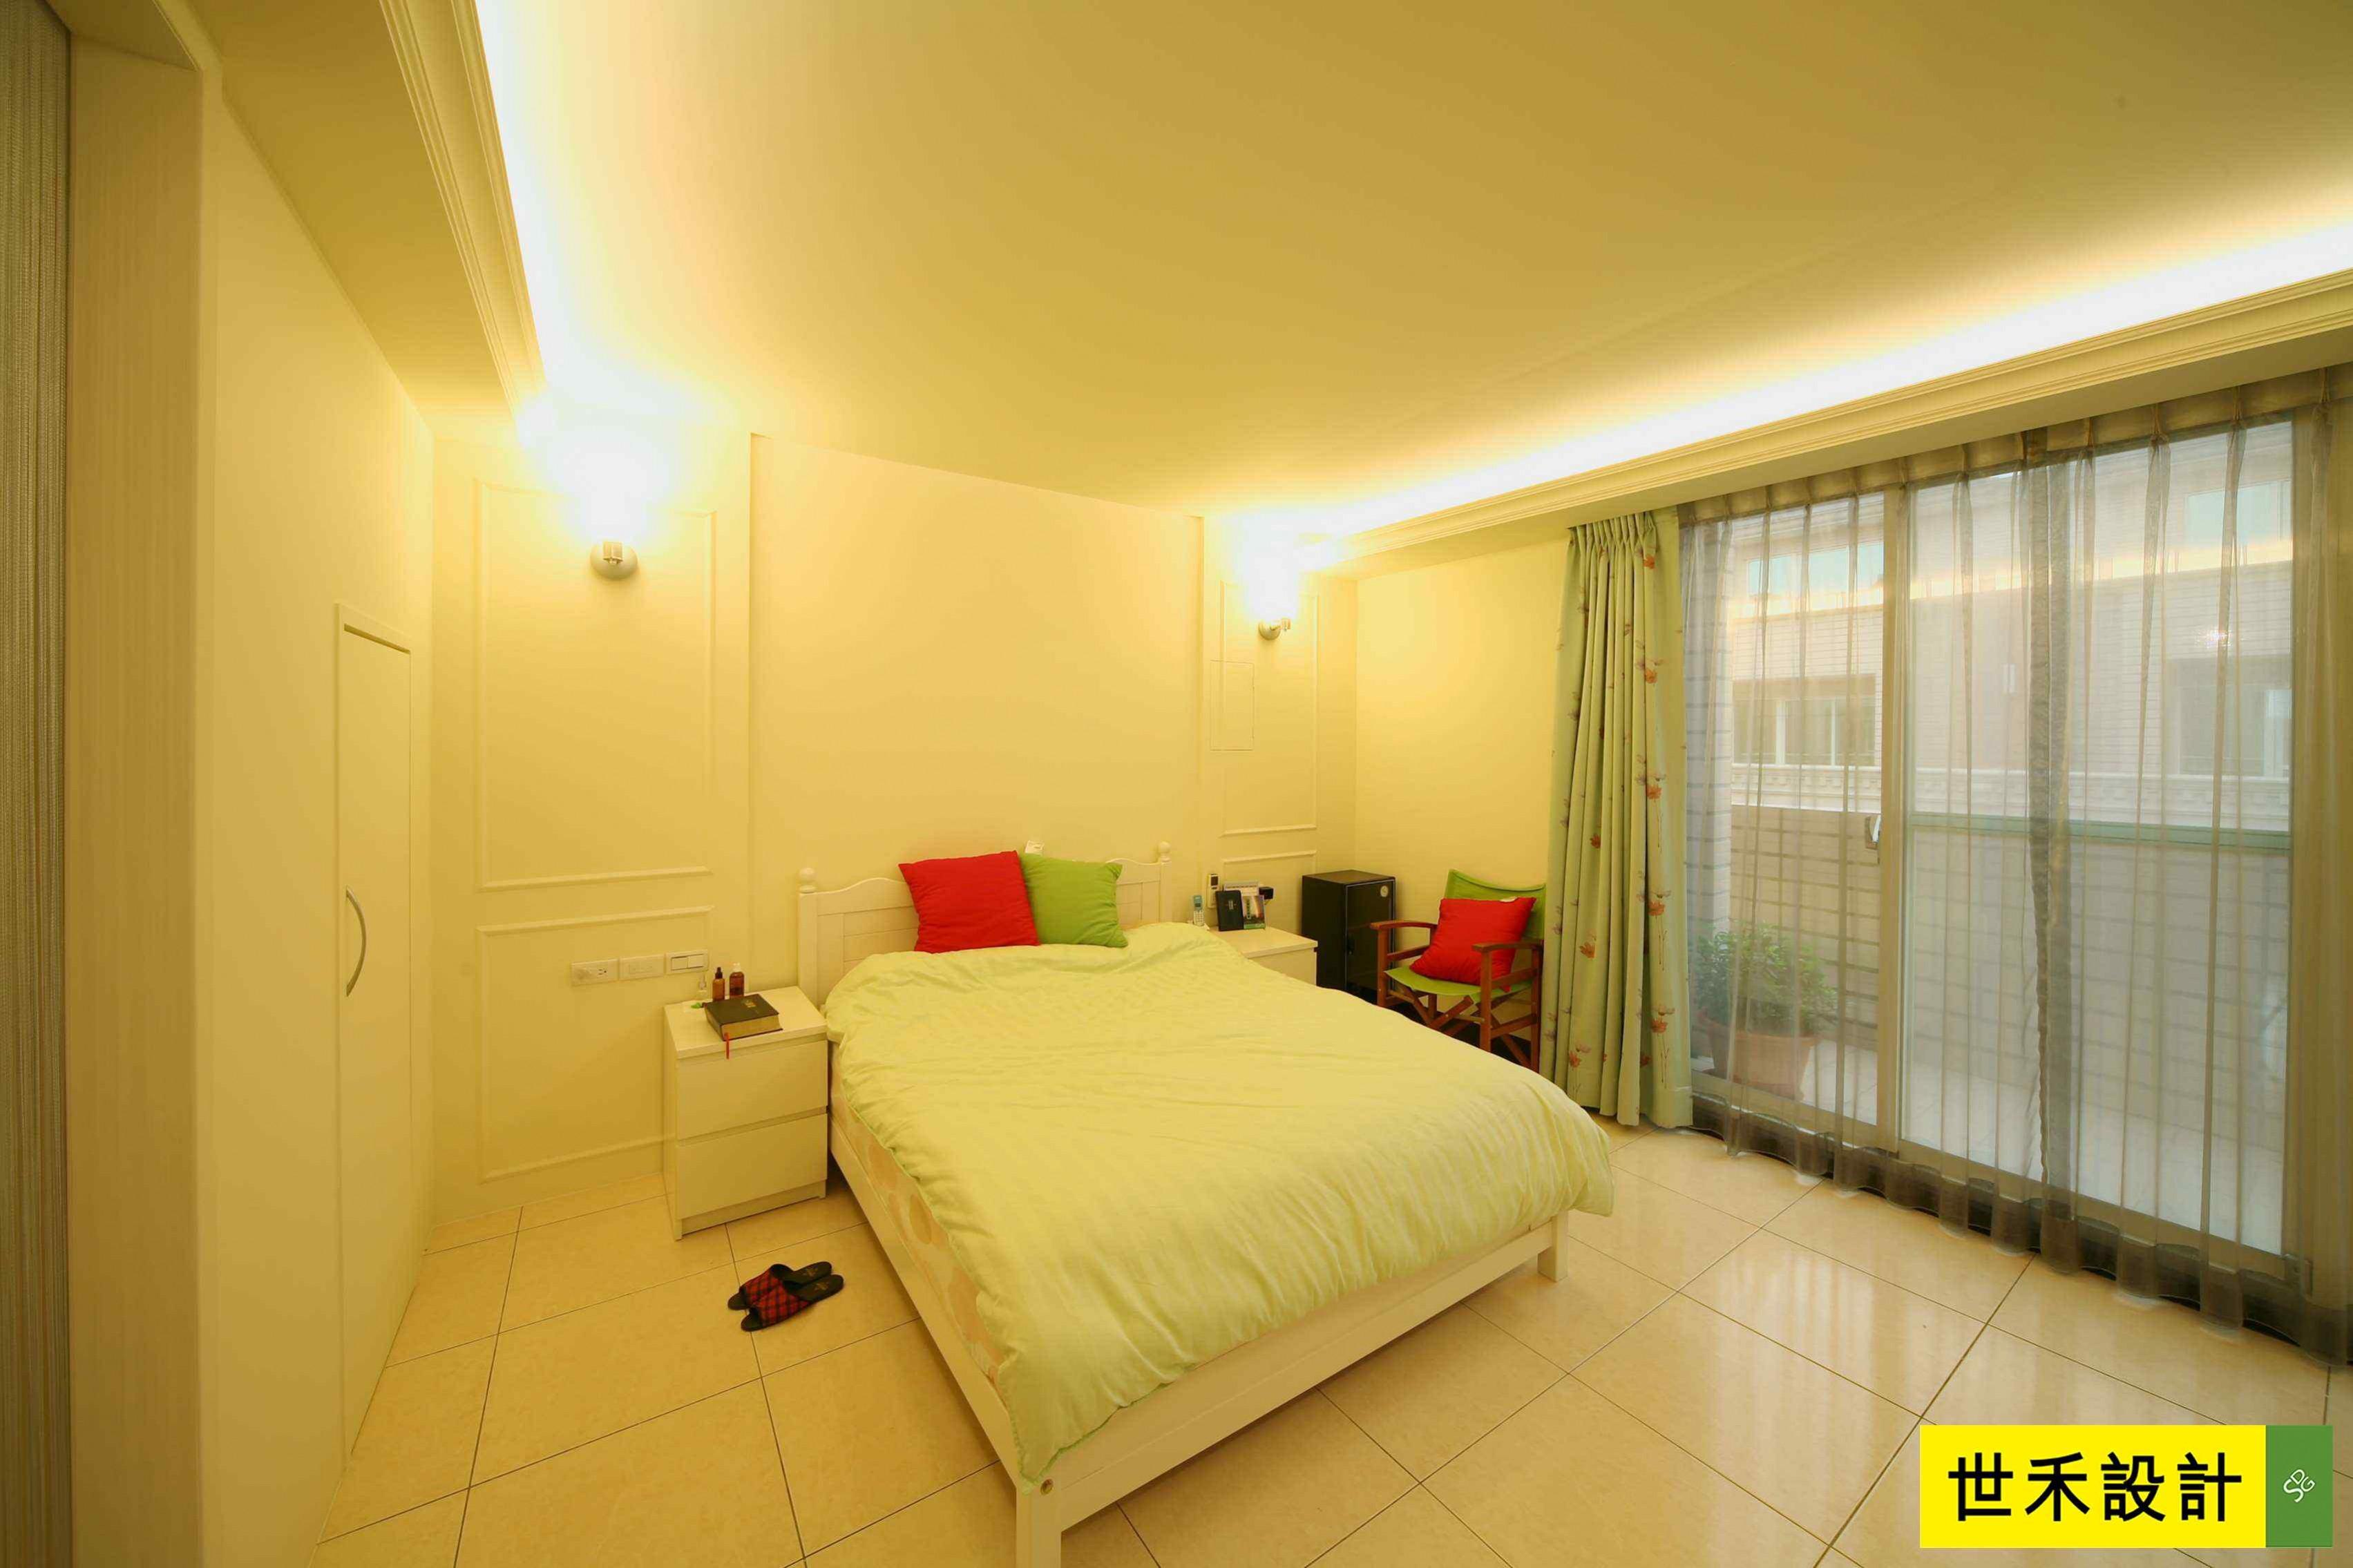 主卧室-带有美式风格的元素,床头以喷漆处理,搭配对称壁灯,营造舒适的